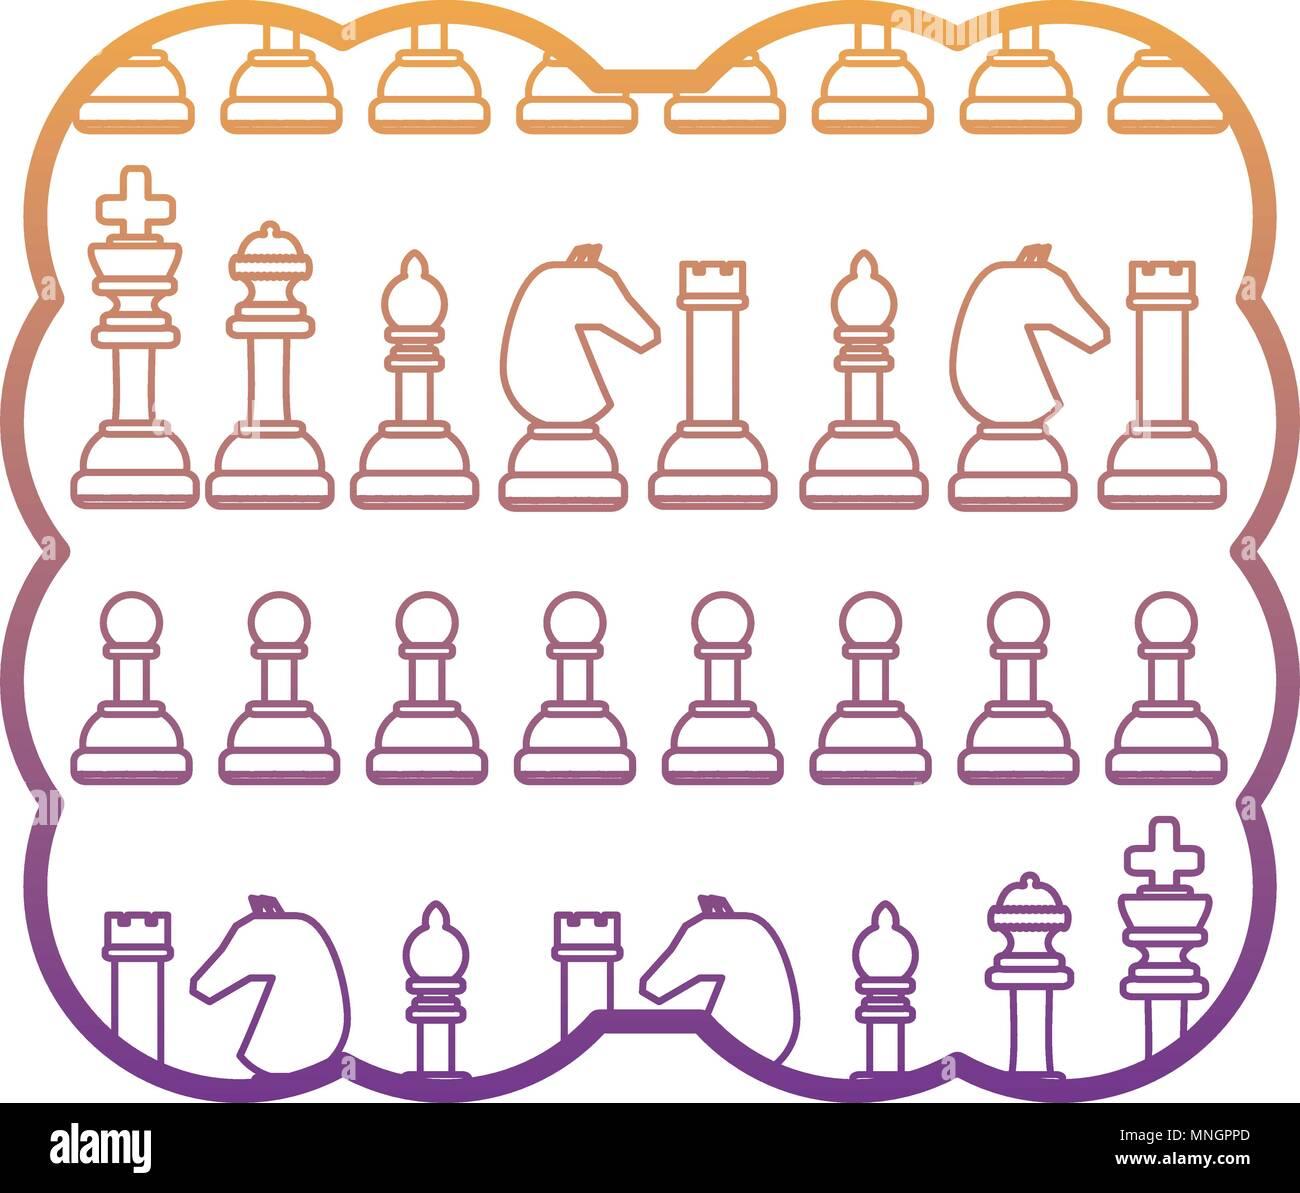 Marco decorativo con piezas de ajedrez modelo sobre fondo blanco ...